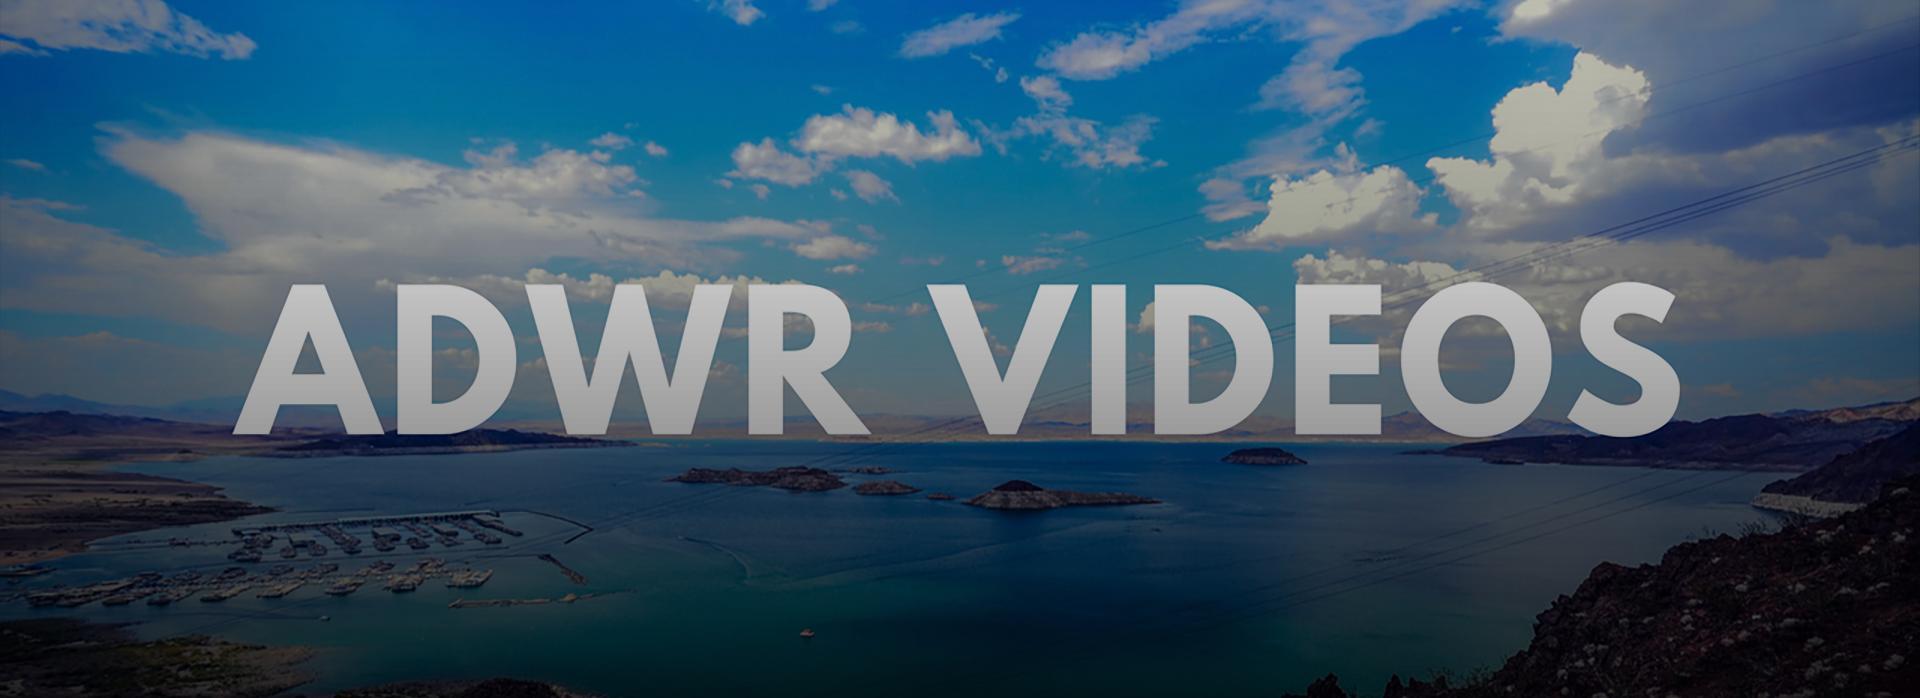 ADWR Videos